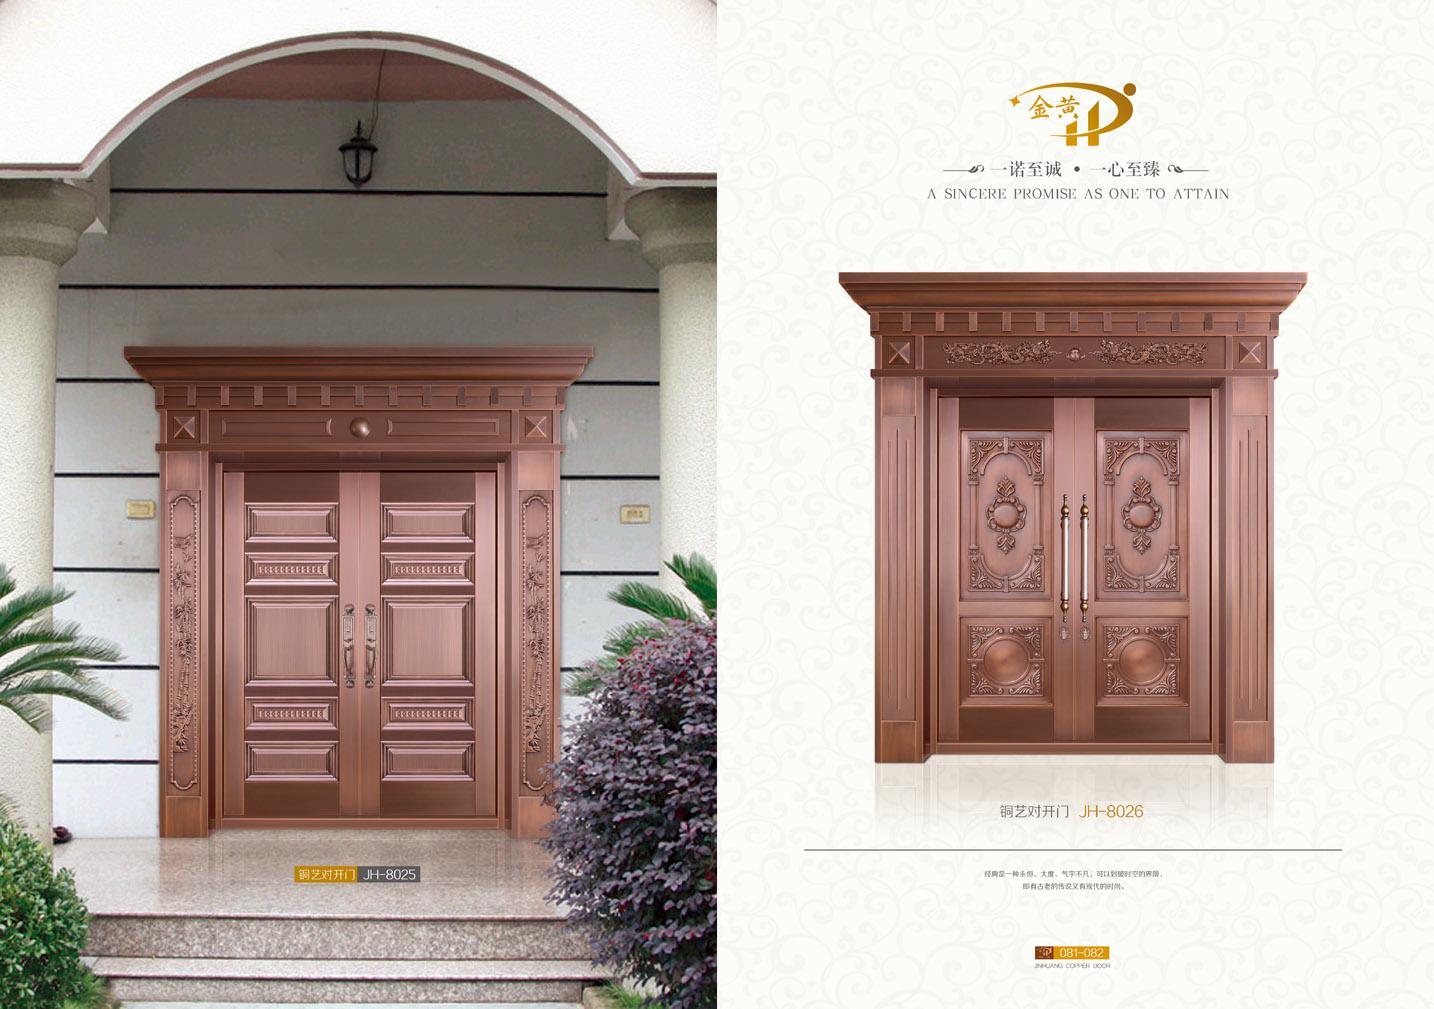 详细说明 烟台别墅铜门安装 别墅铜门无论从外观还是实用性都非常的理想,铜门具有深邃、古典的内涵,因为用材原因,铜门显得更加厚重庄严。别墅铜门带给我们的不仅仅是一种视觉享受,它还具有一种内在的气质,并不仅仅是一种表面的豪华,它的文化底蕴也是一种身份的象征。 铜本性温润,耐腐蚀,抗菌抗氧化,不易受损,寿长于木材,较之砖瓦,铜门更耐岁,而且风姿卓越,色调绚丽,浑厚沉稳中不失风雅,苍古盎然中蕴涵新意。通过精工打造,匠心诚厚,诸形工美。承传统建筑之典雅,又不失材质的坚固,且防水,防腐,将精湛的铜工艺与现代科技完美结